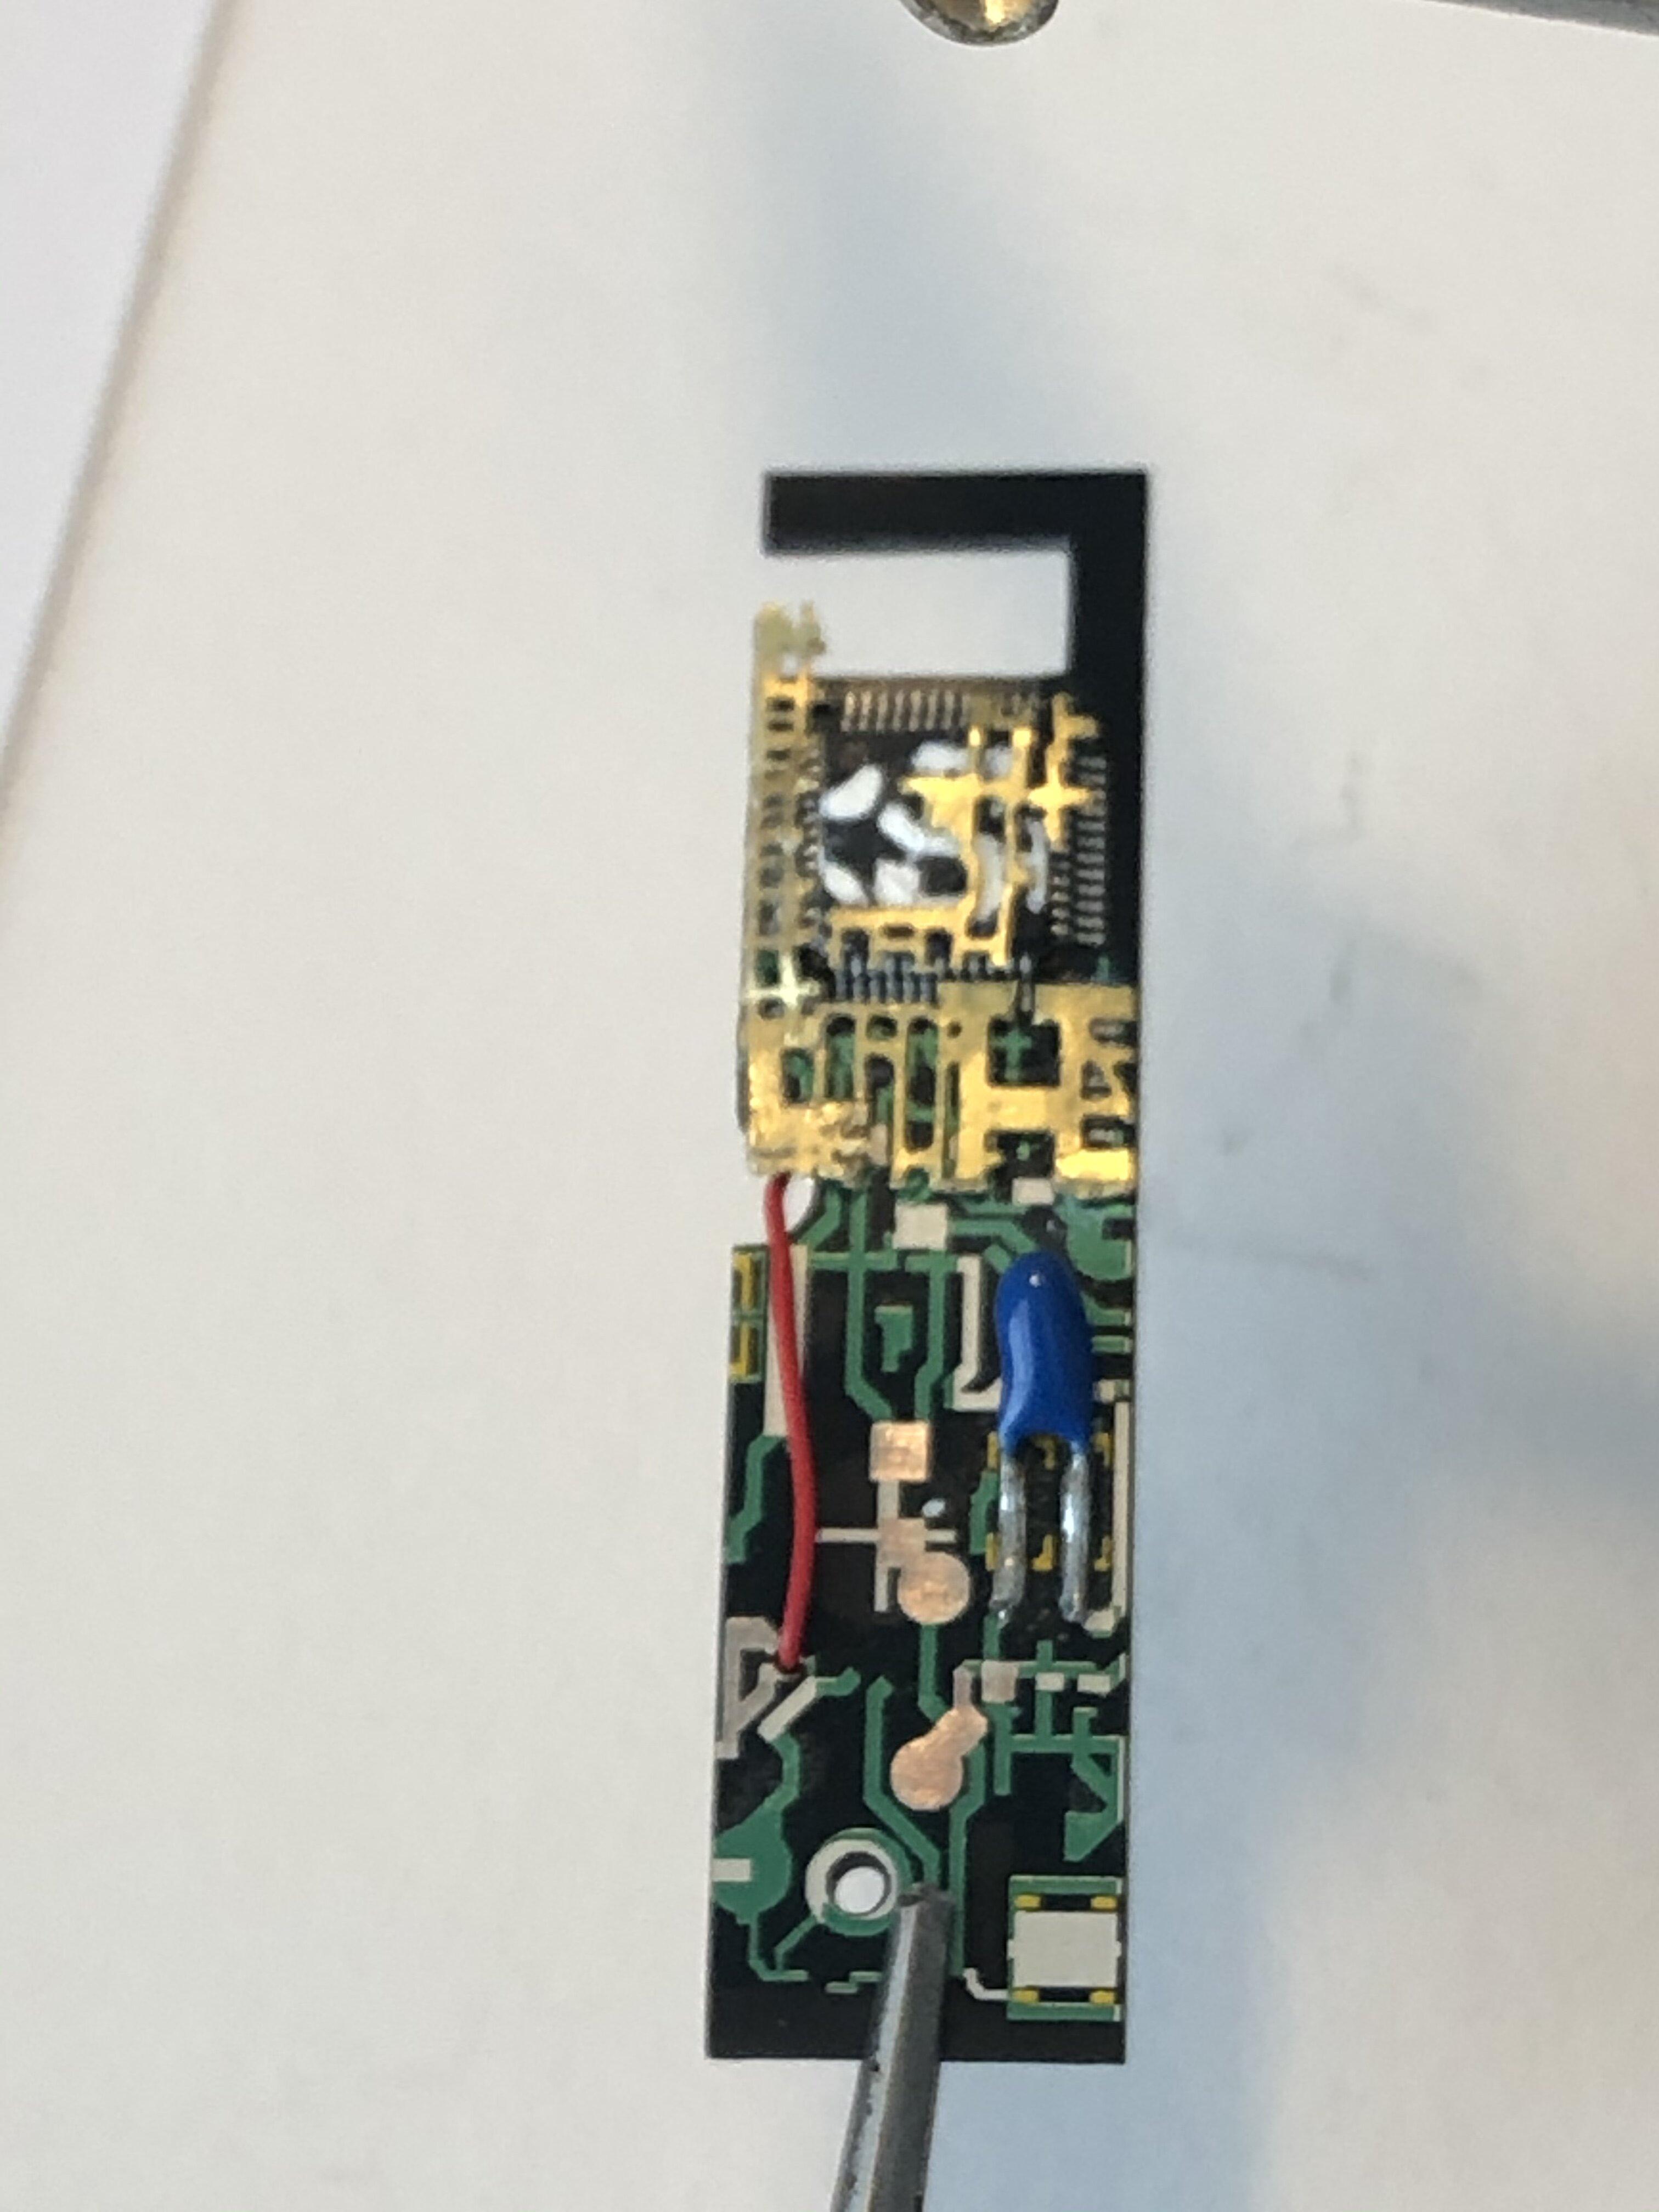 DDEFC55E-09C8-459B-849F-67461B2C2F7E.jpeg